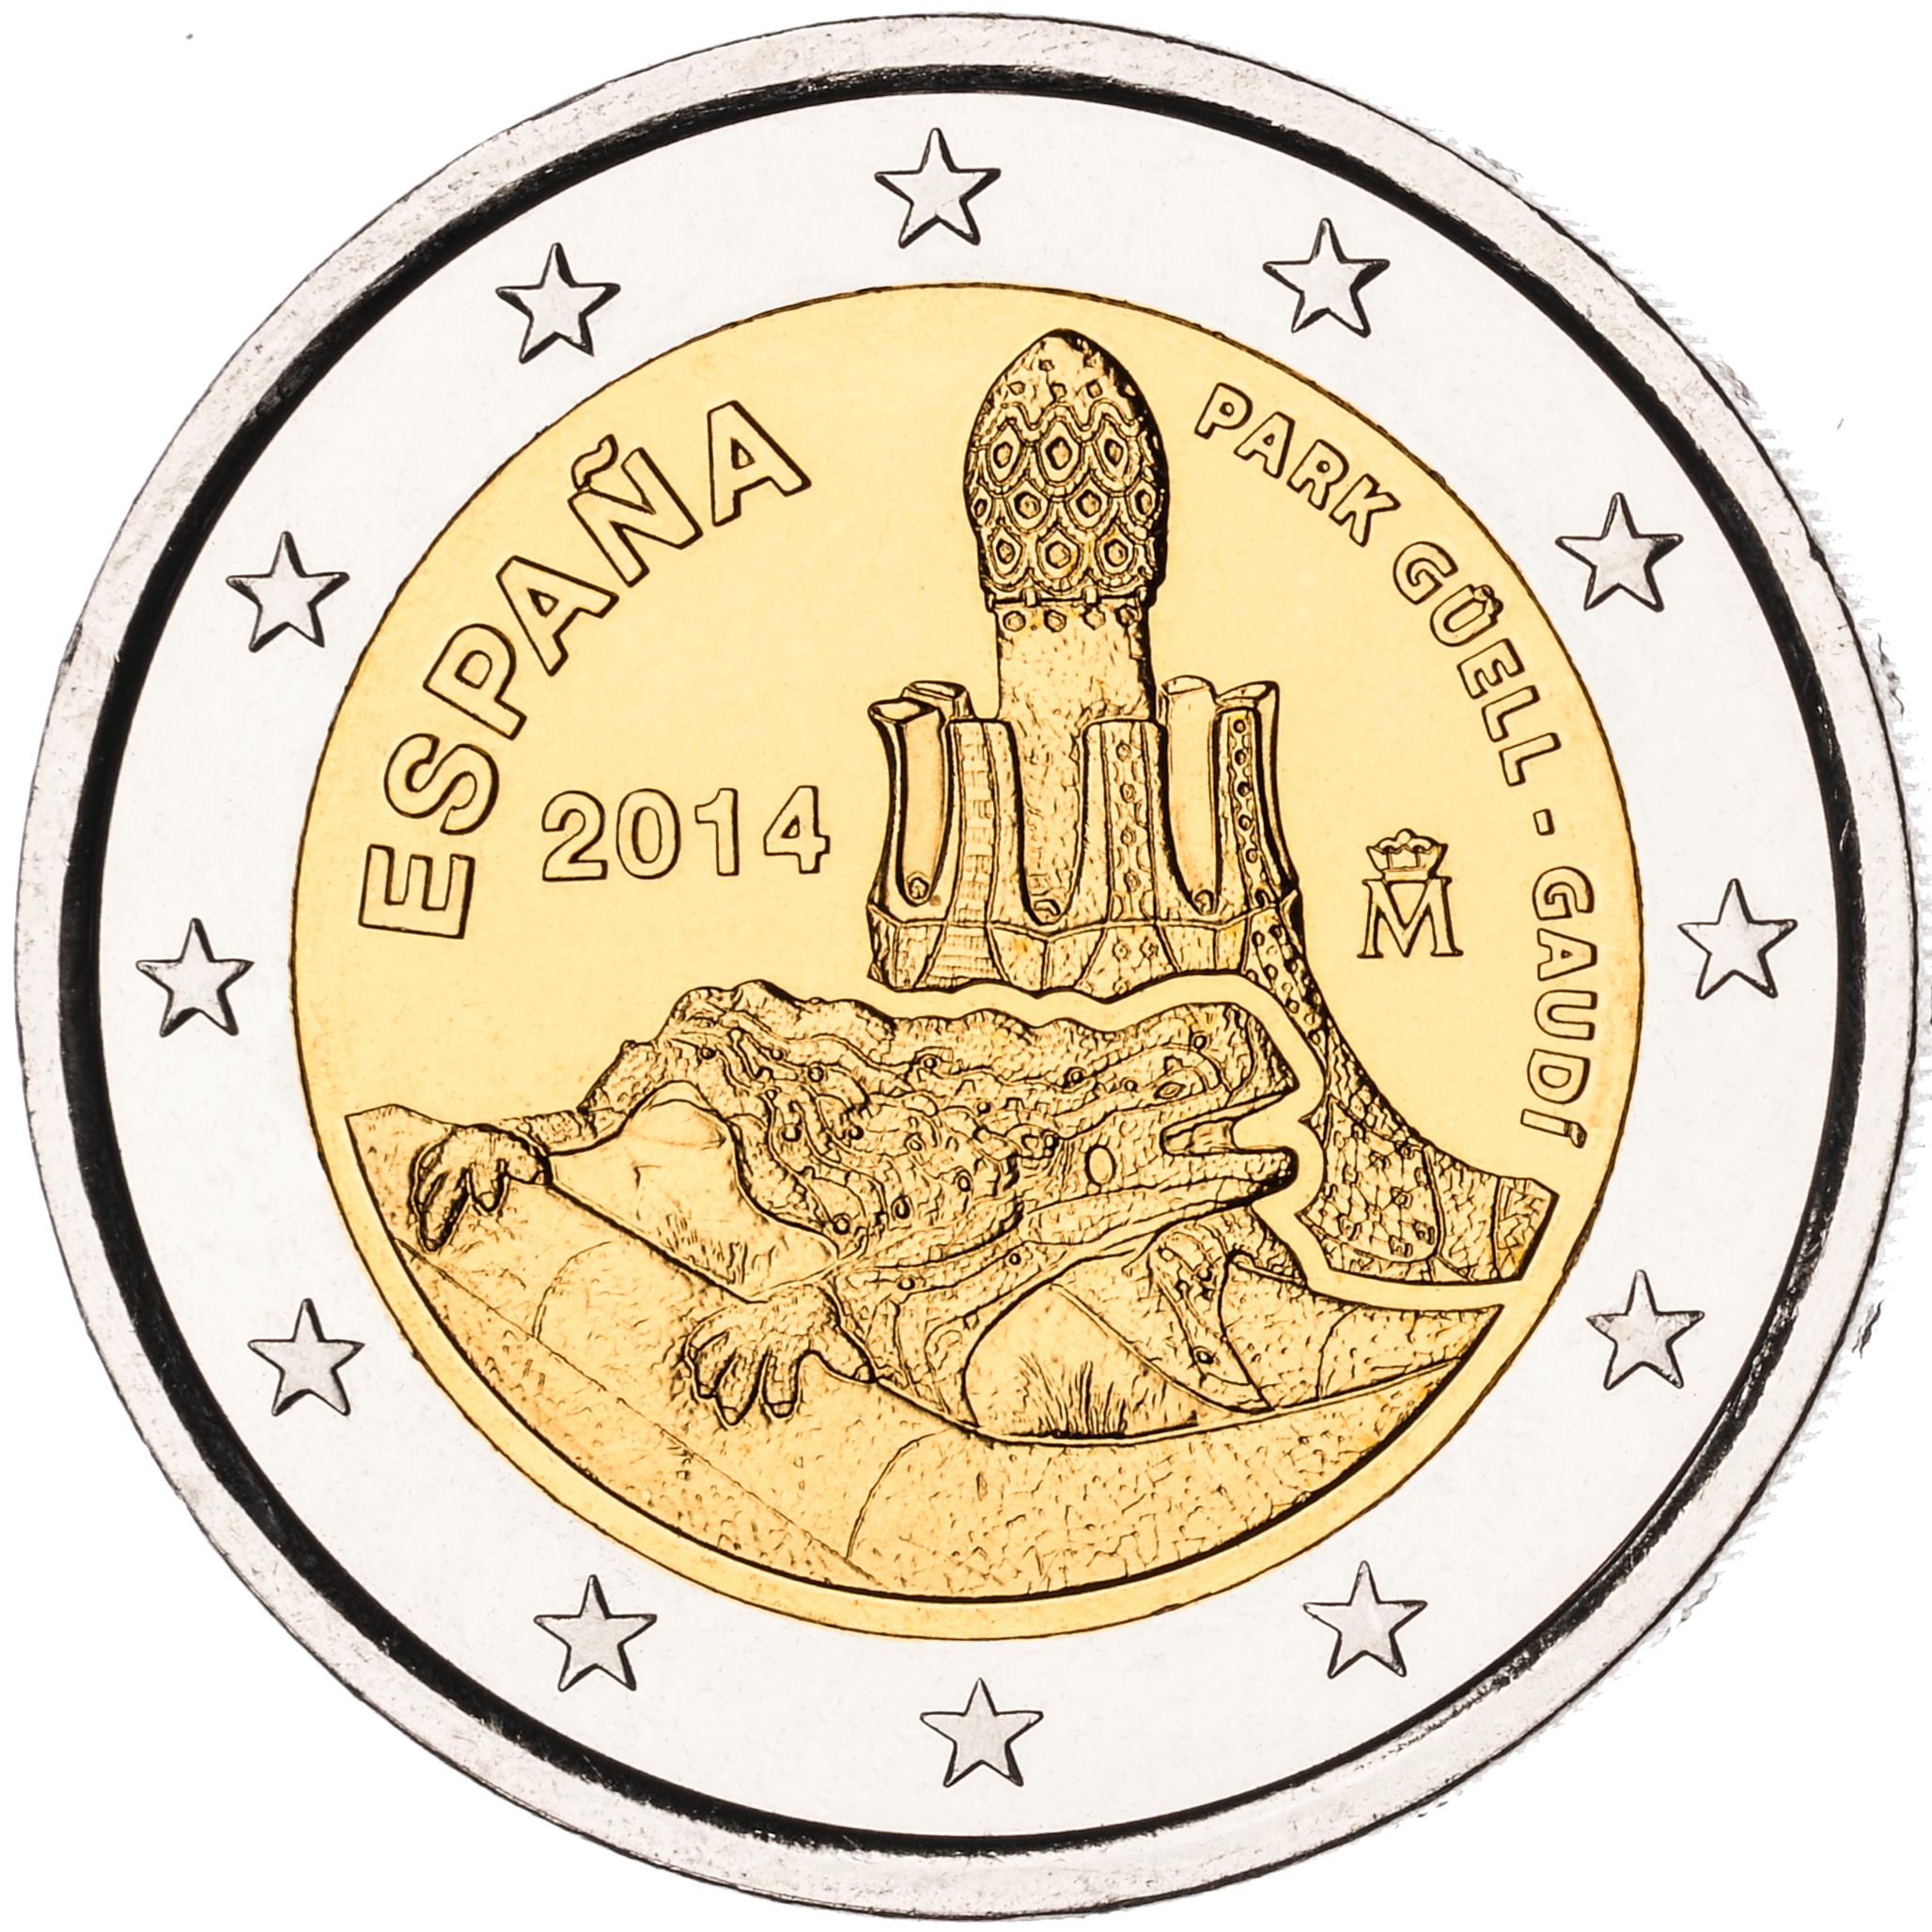 2 Ευρώ, Ισπανία, Πάρκο Γκουέλ - Α. Γκαουντί, 2014 2 ευρώ  αναμνηστικά 2